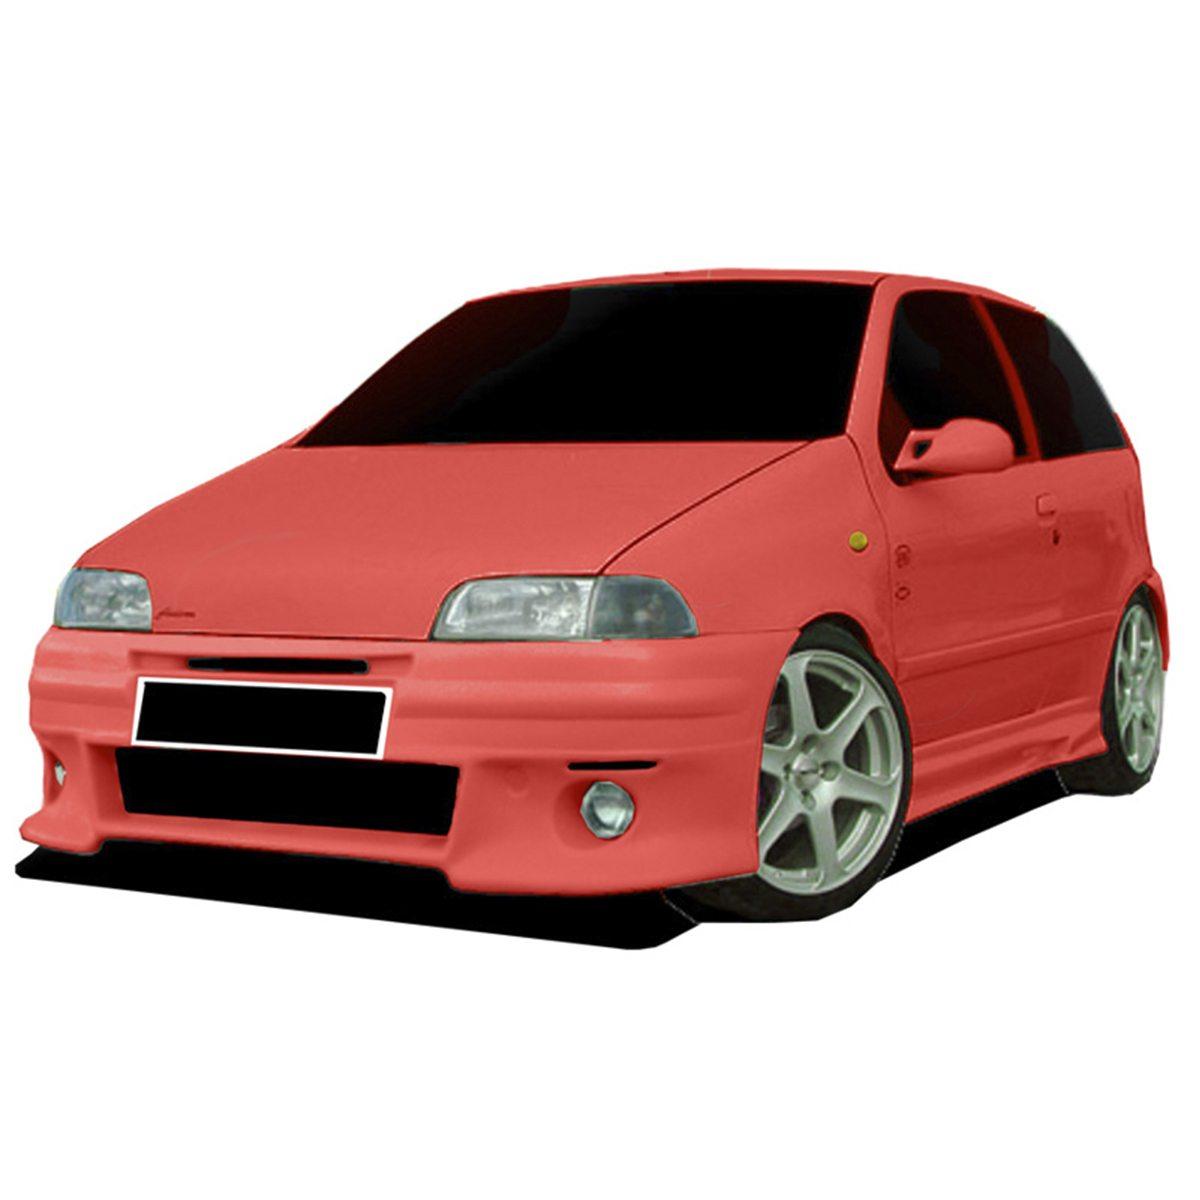 Fiat-Punto-Spyder-Frt-SPA013